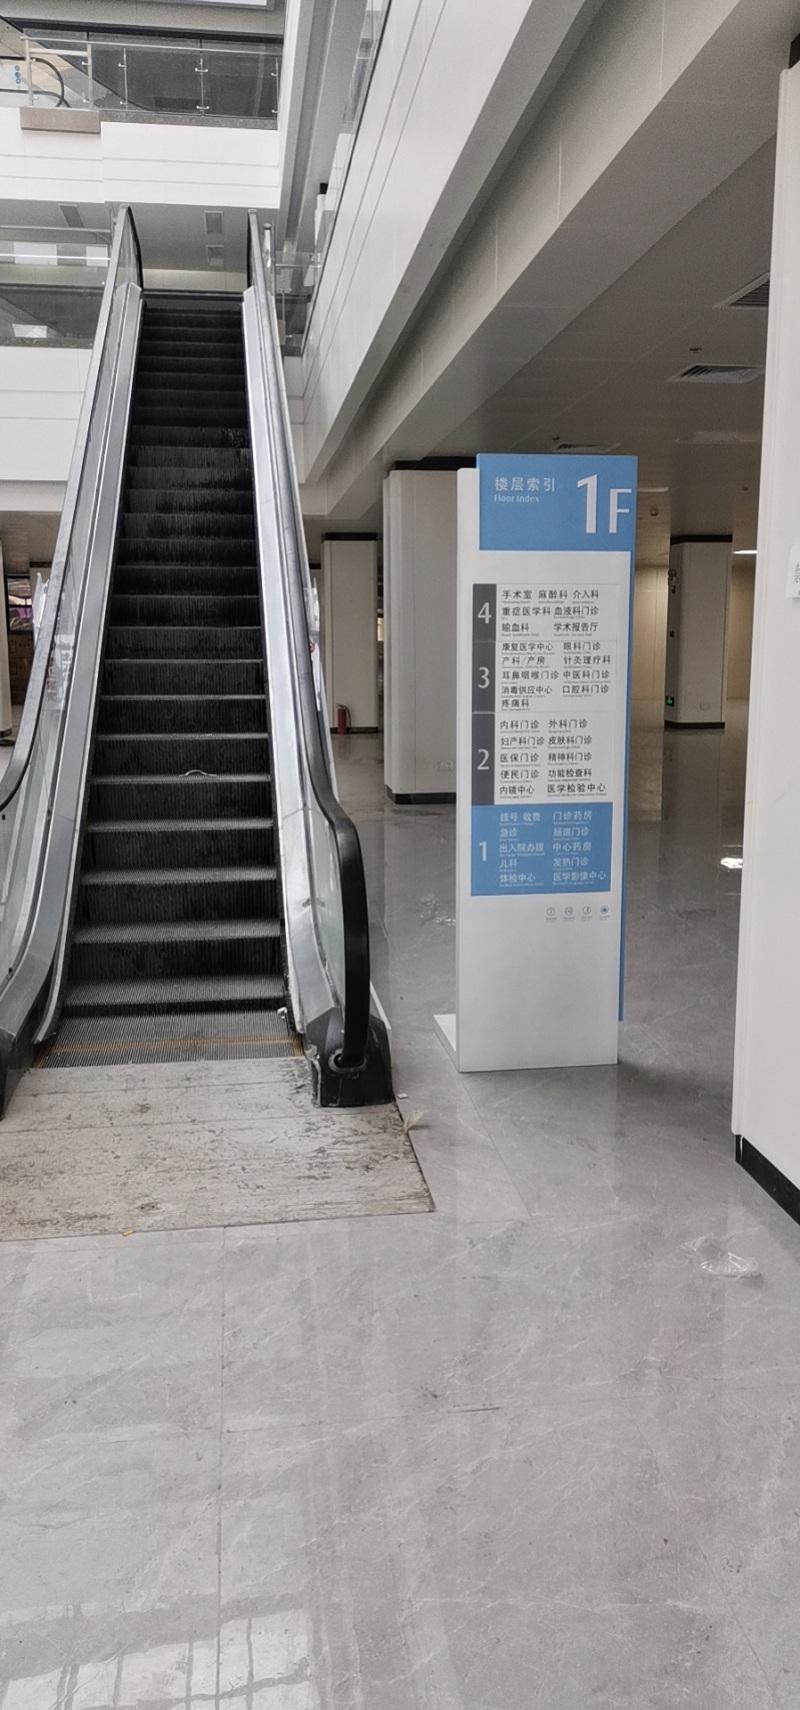 楼层索引标识